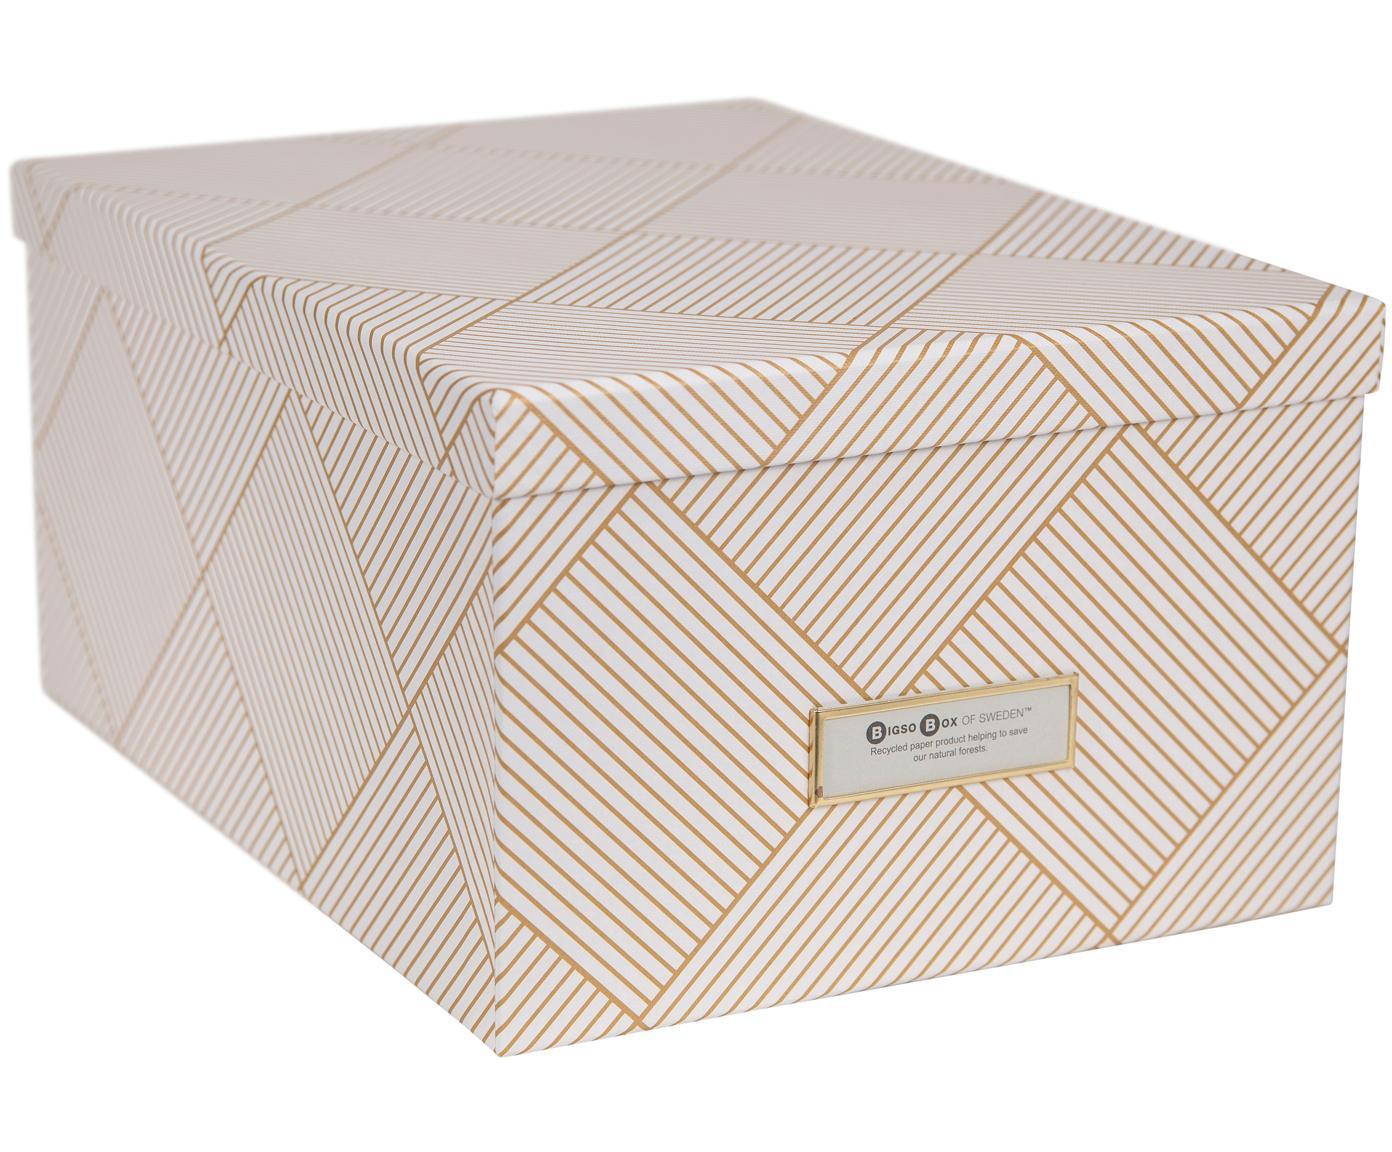 Aufbewahrungsbox Gustav, Box: Fester, laminierter Karto, Goldfarben, Weiss, 30 x 15 cm